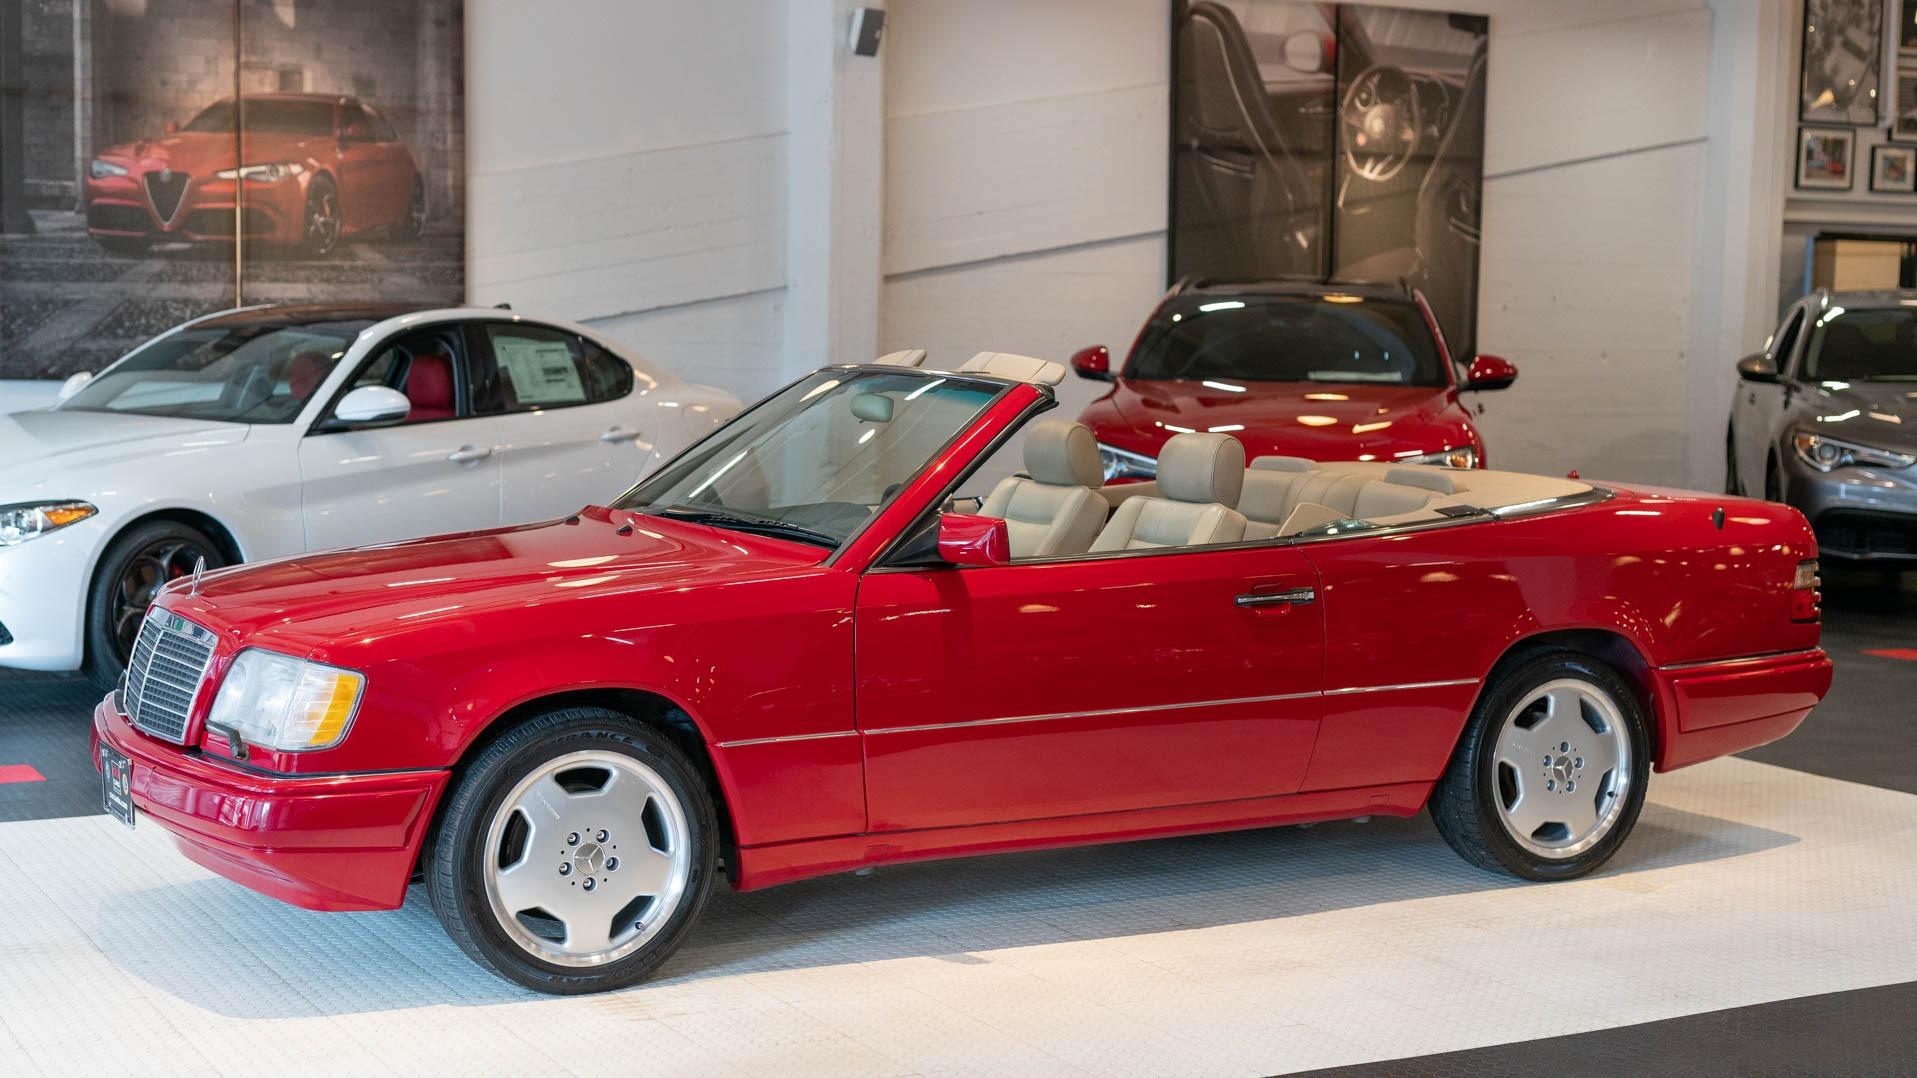 1995 mercedes benz e class e320 stock 160424 16 for sale for 1995 mercedes benz e class